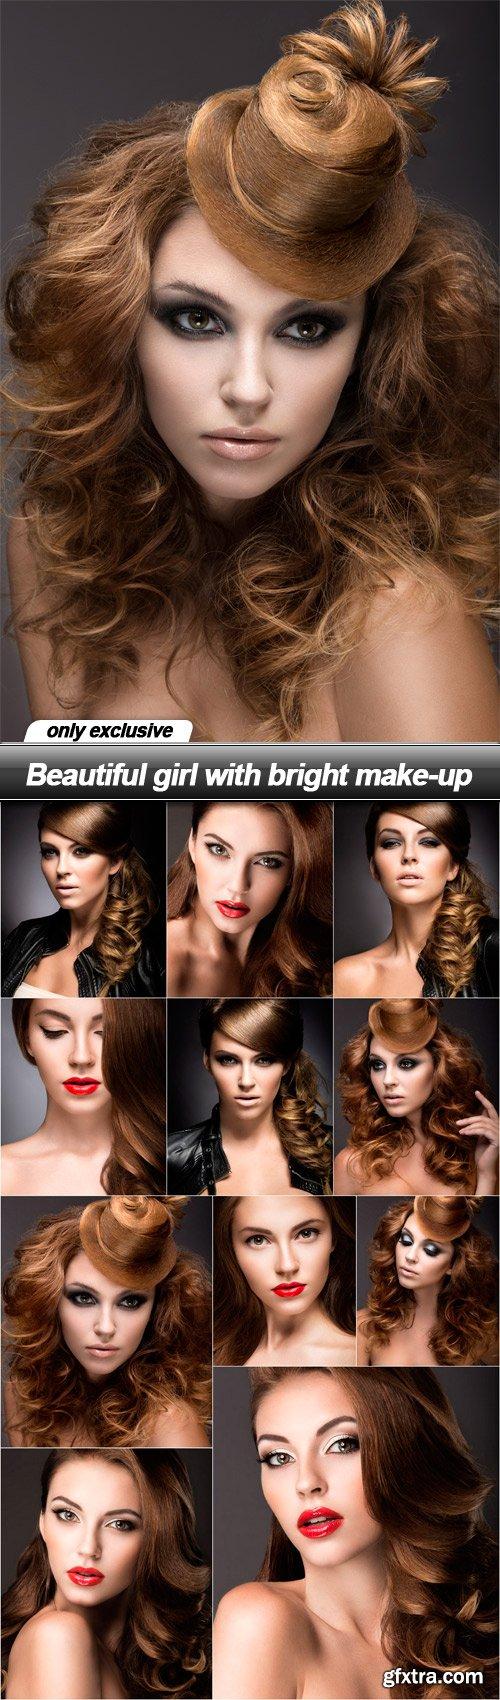 Beautiful girl with bright make-up - 11 UHQ JPEG